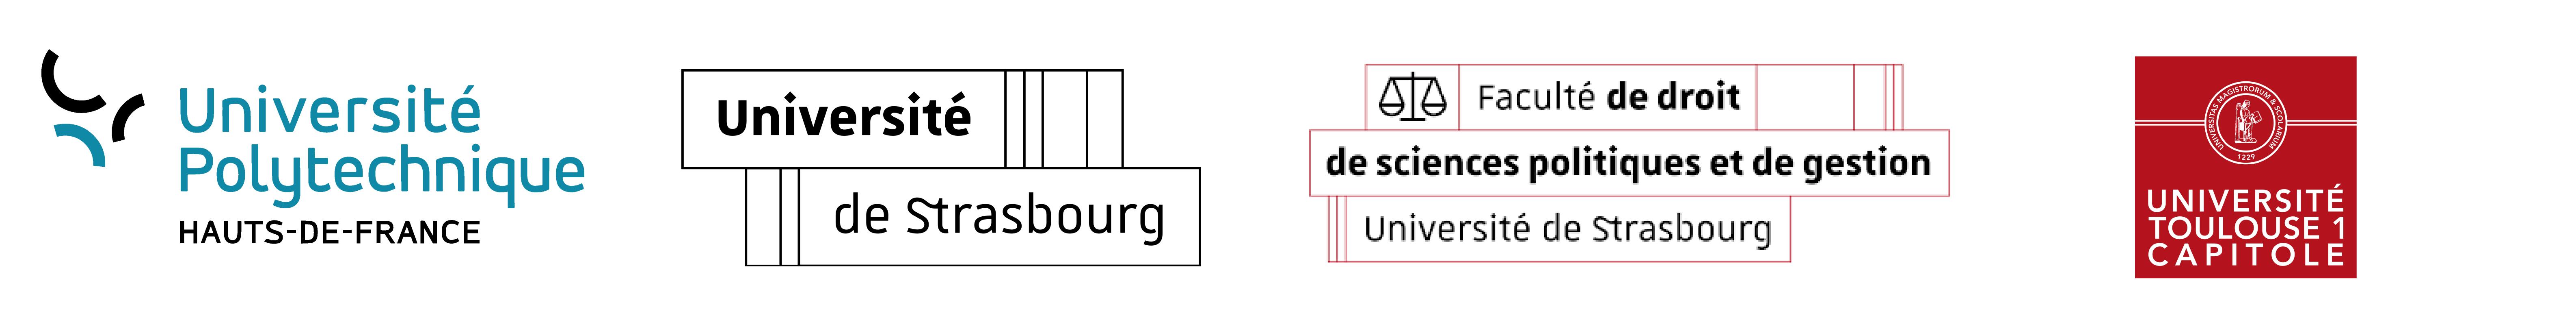 Logos partenaires internationaux universitaires